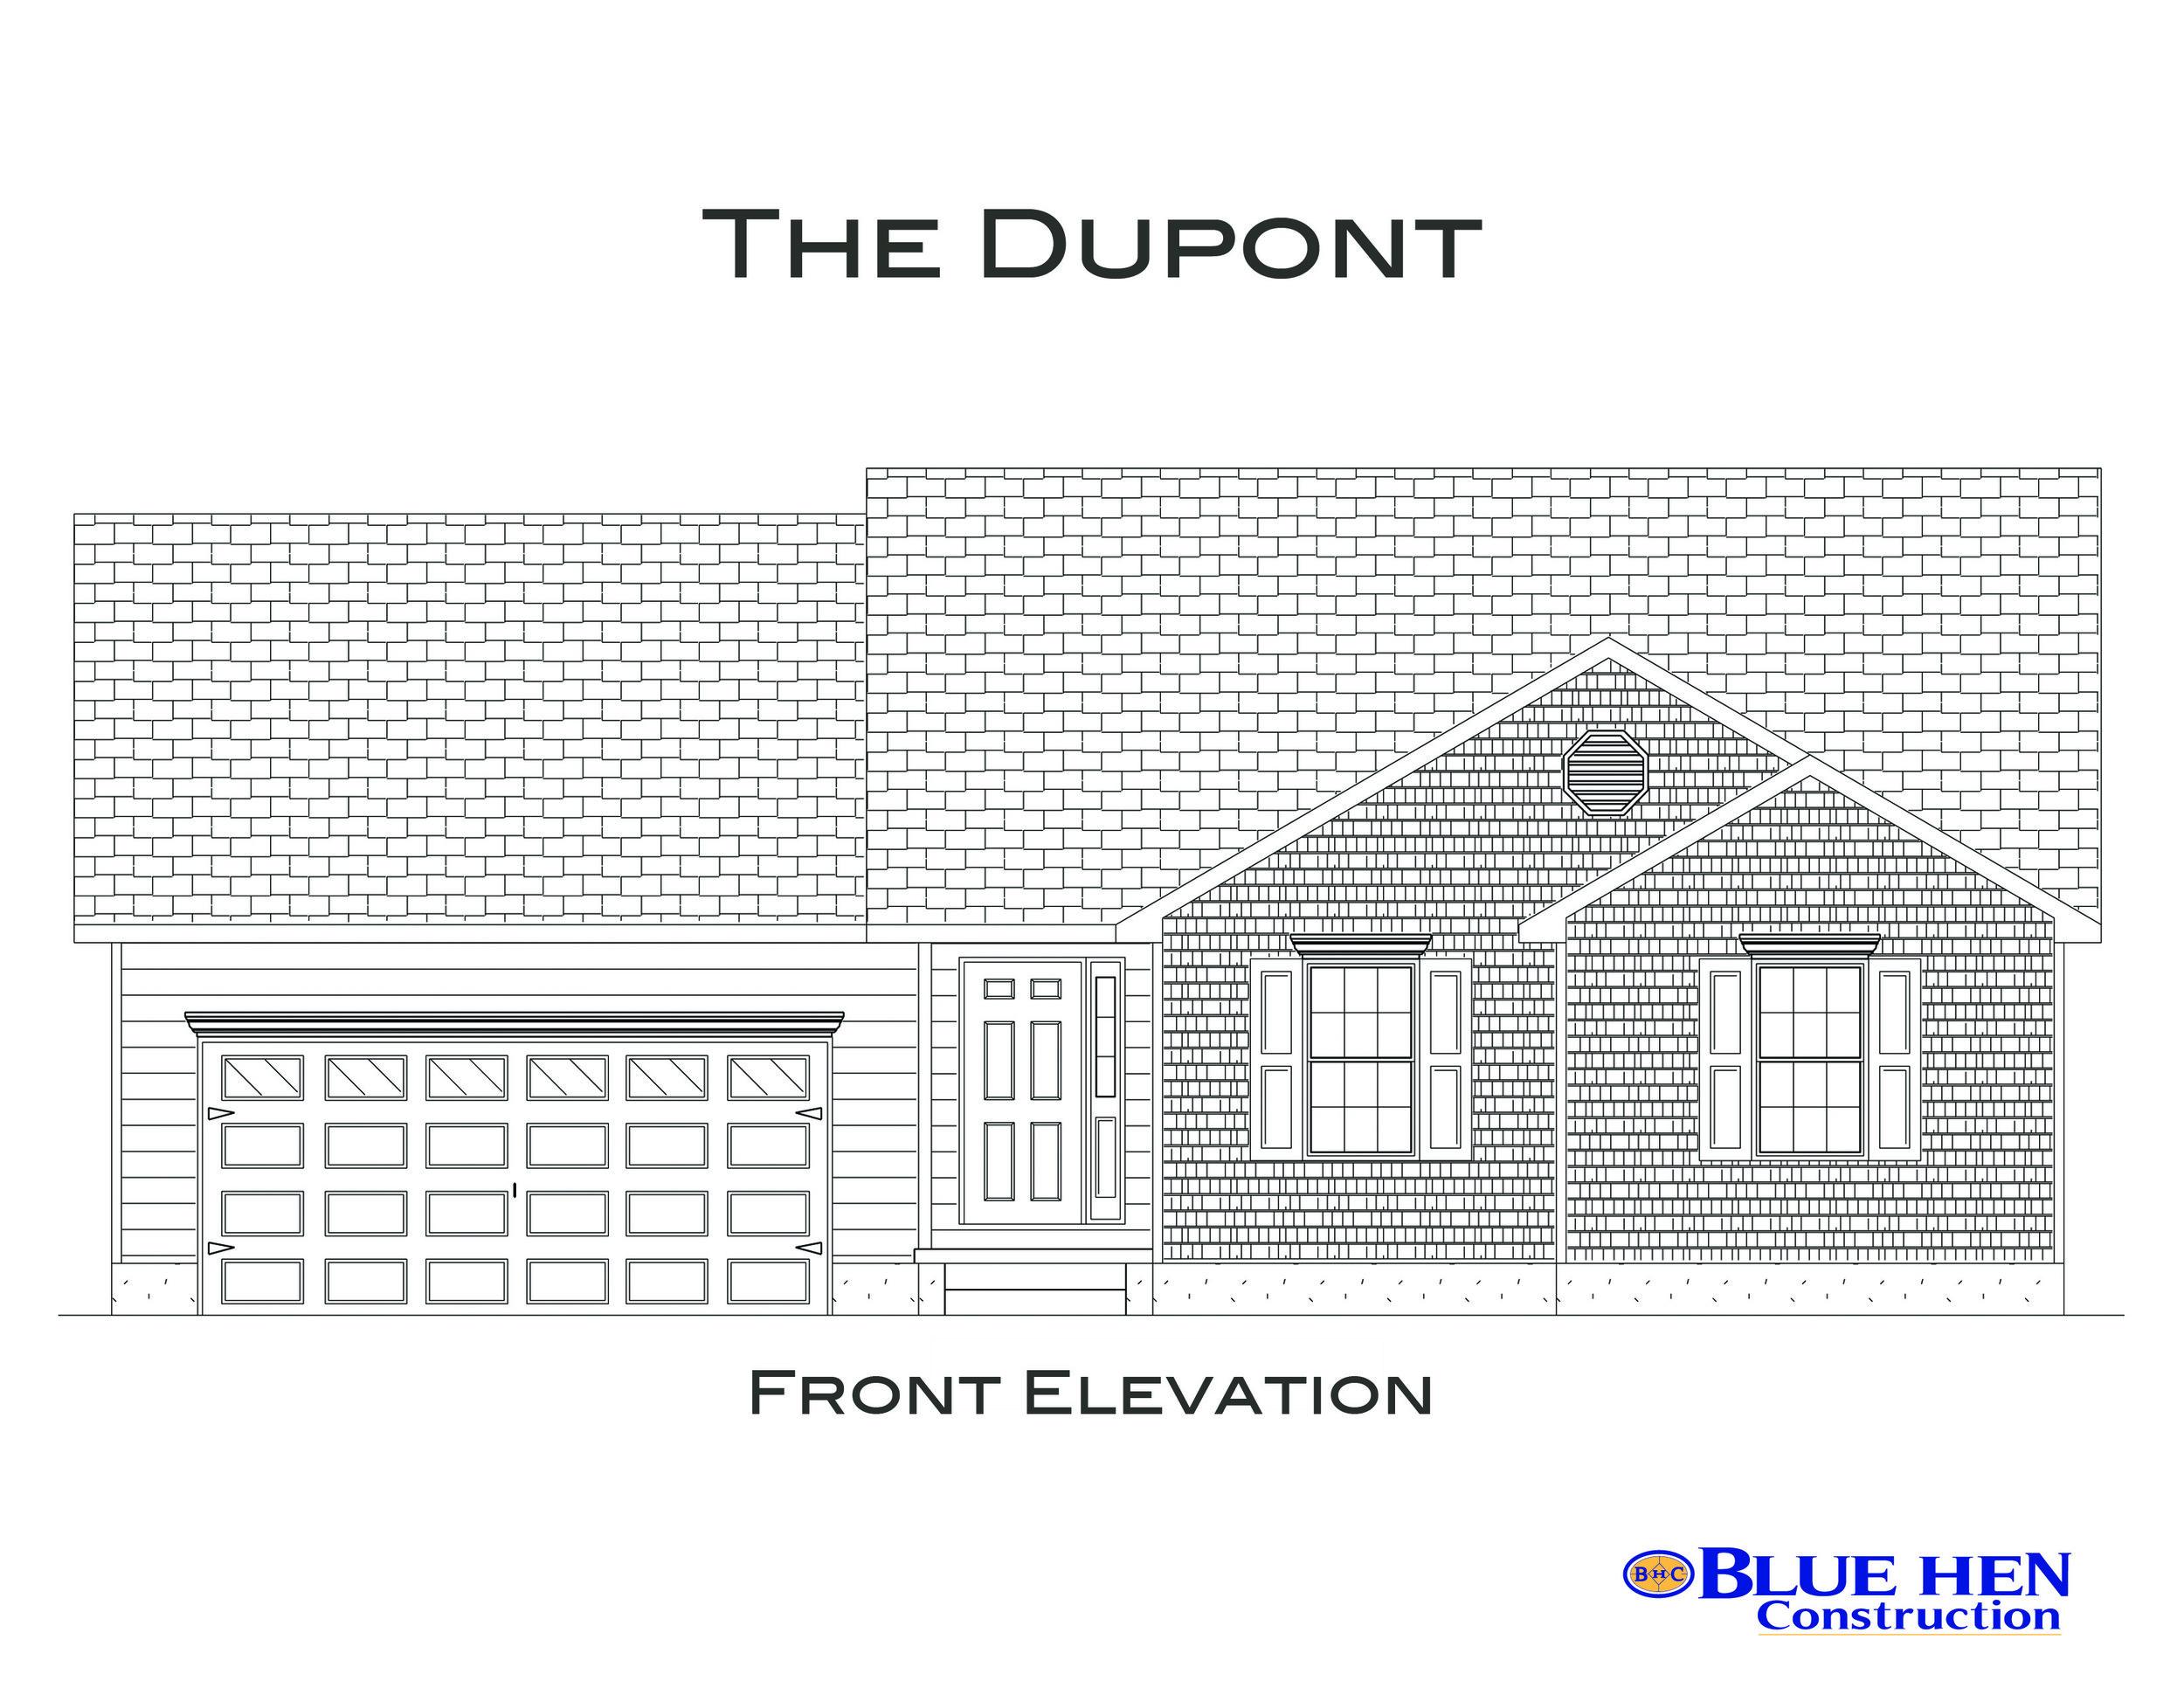 Dupont_Brochure_front.jpg